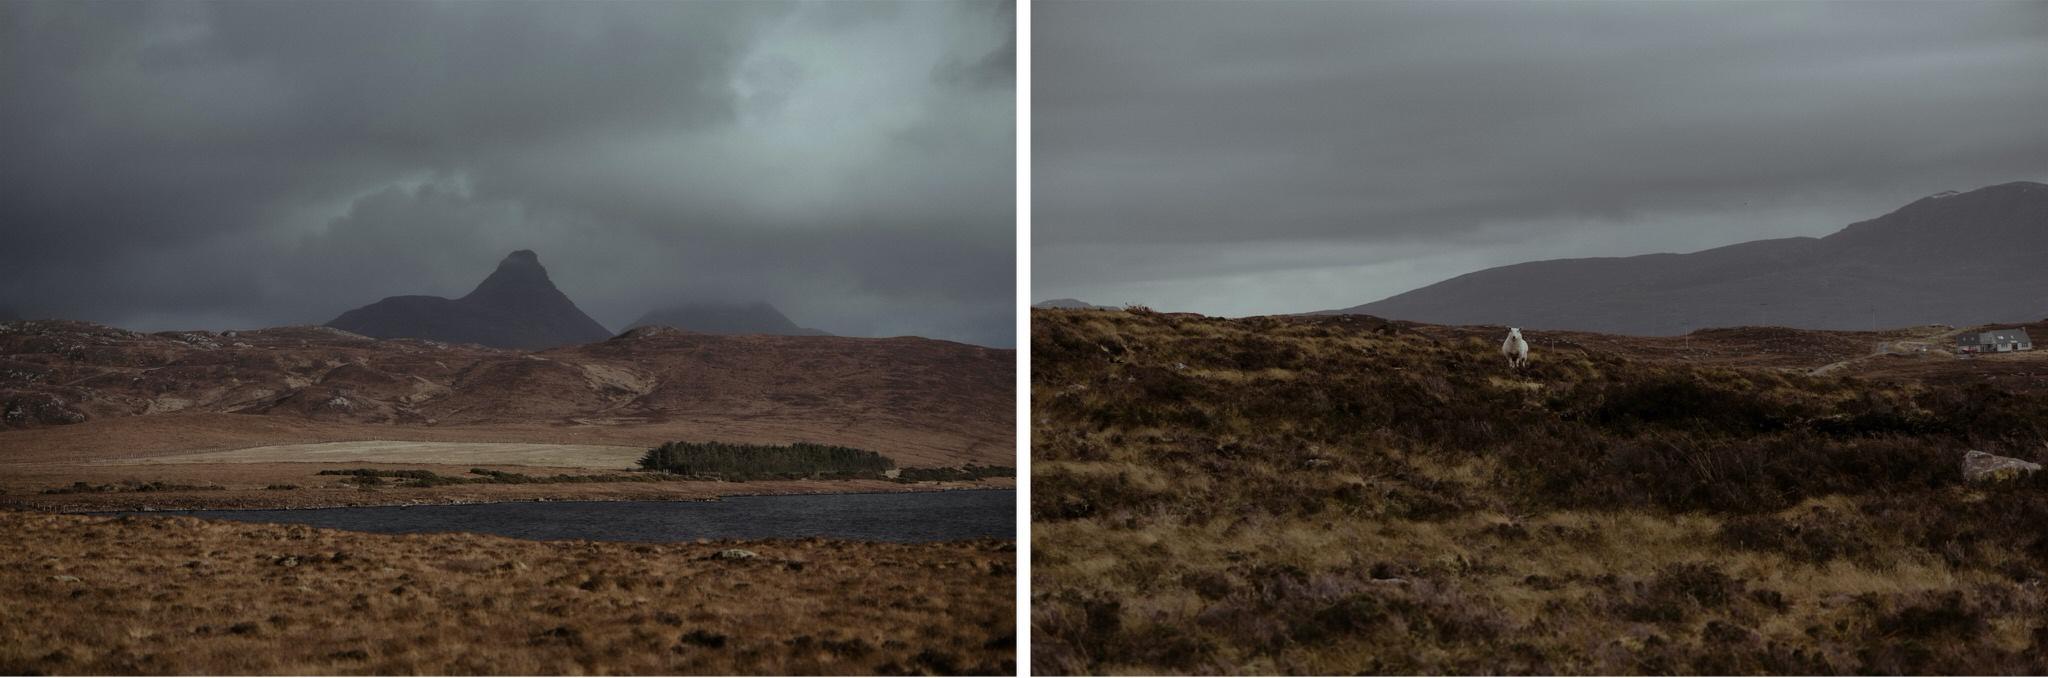 Mountain views in Assynt, Scotland